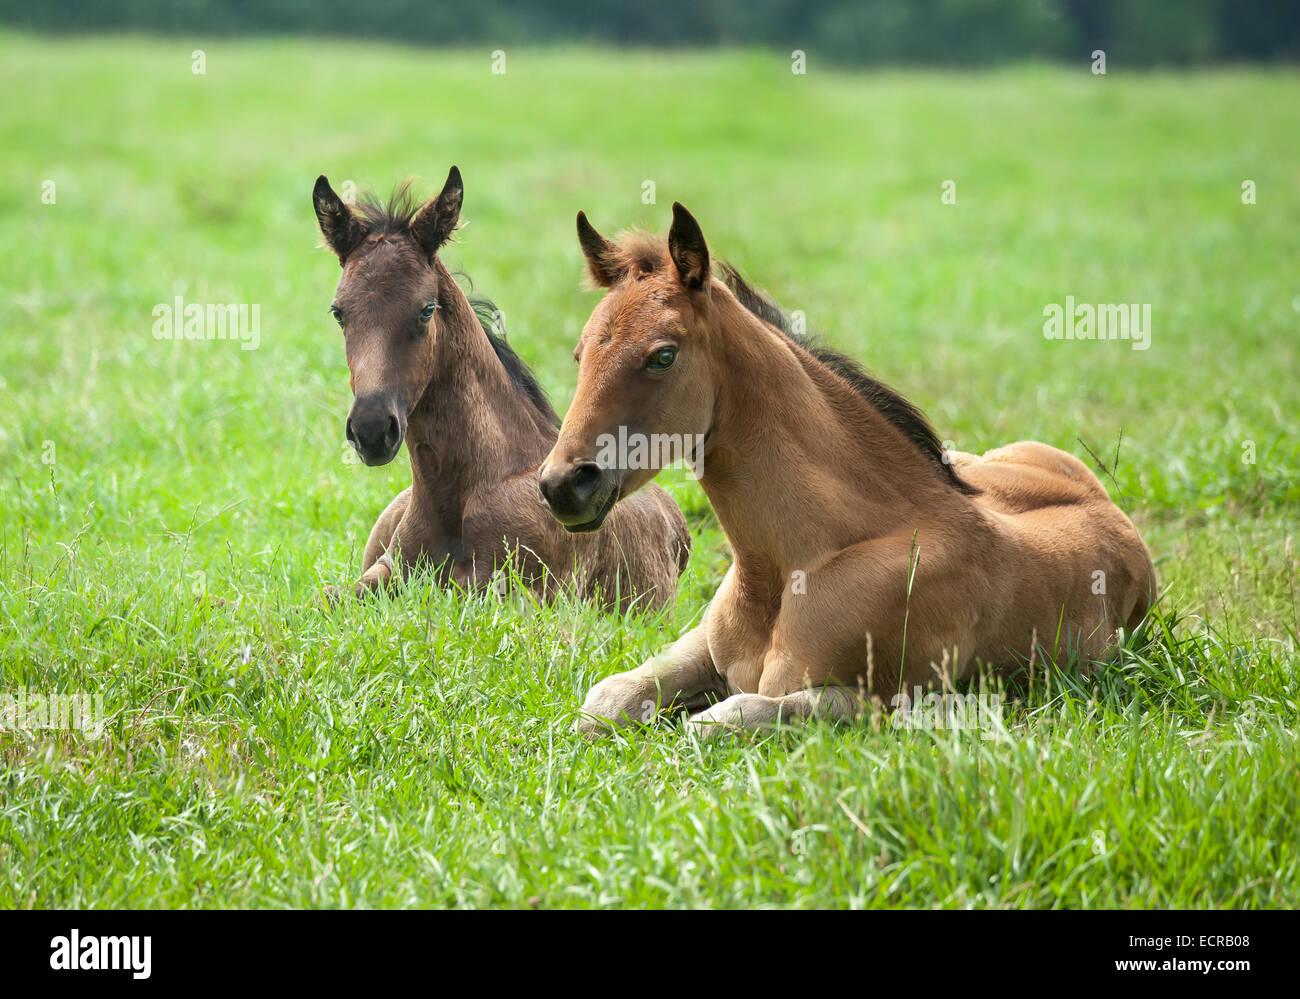 Quarter Horse potros tumbado en la hierba Imagen De Stock